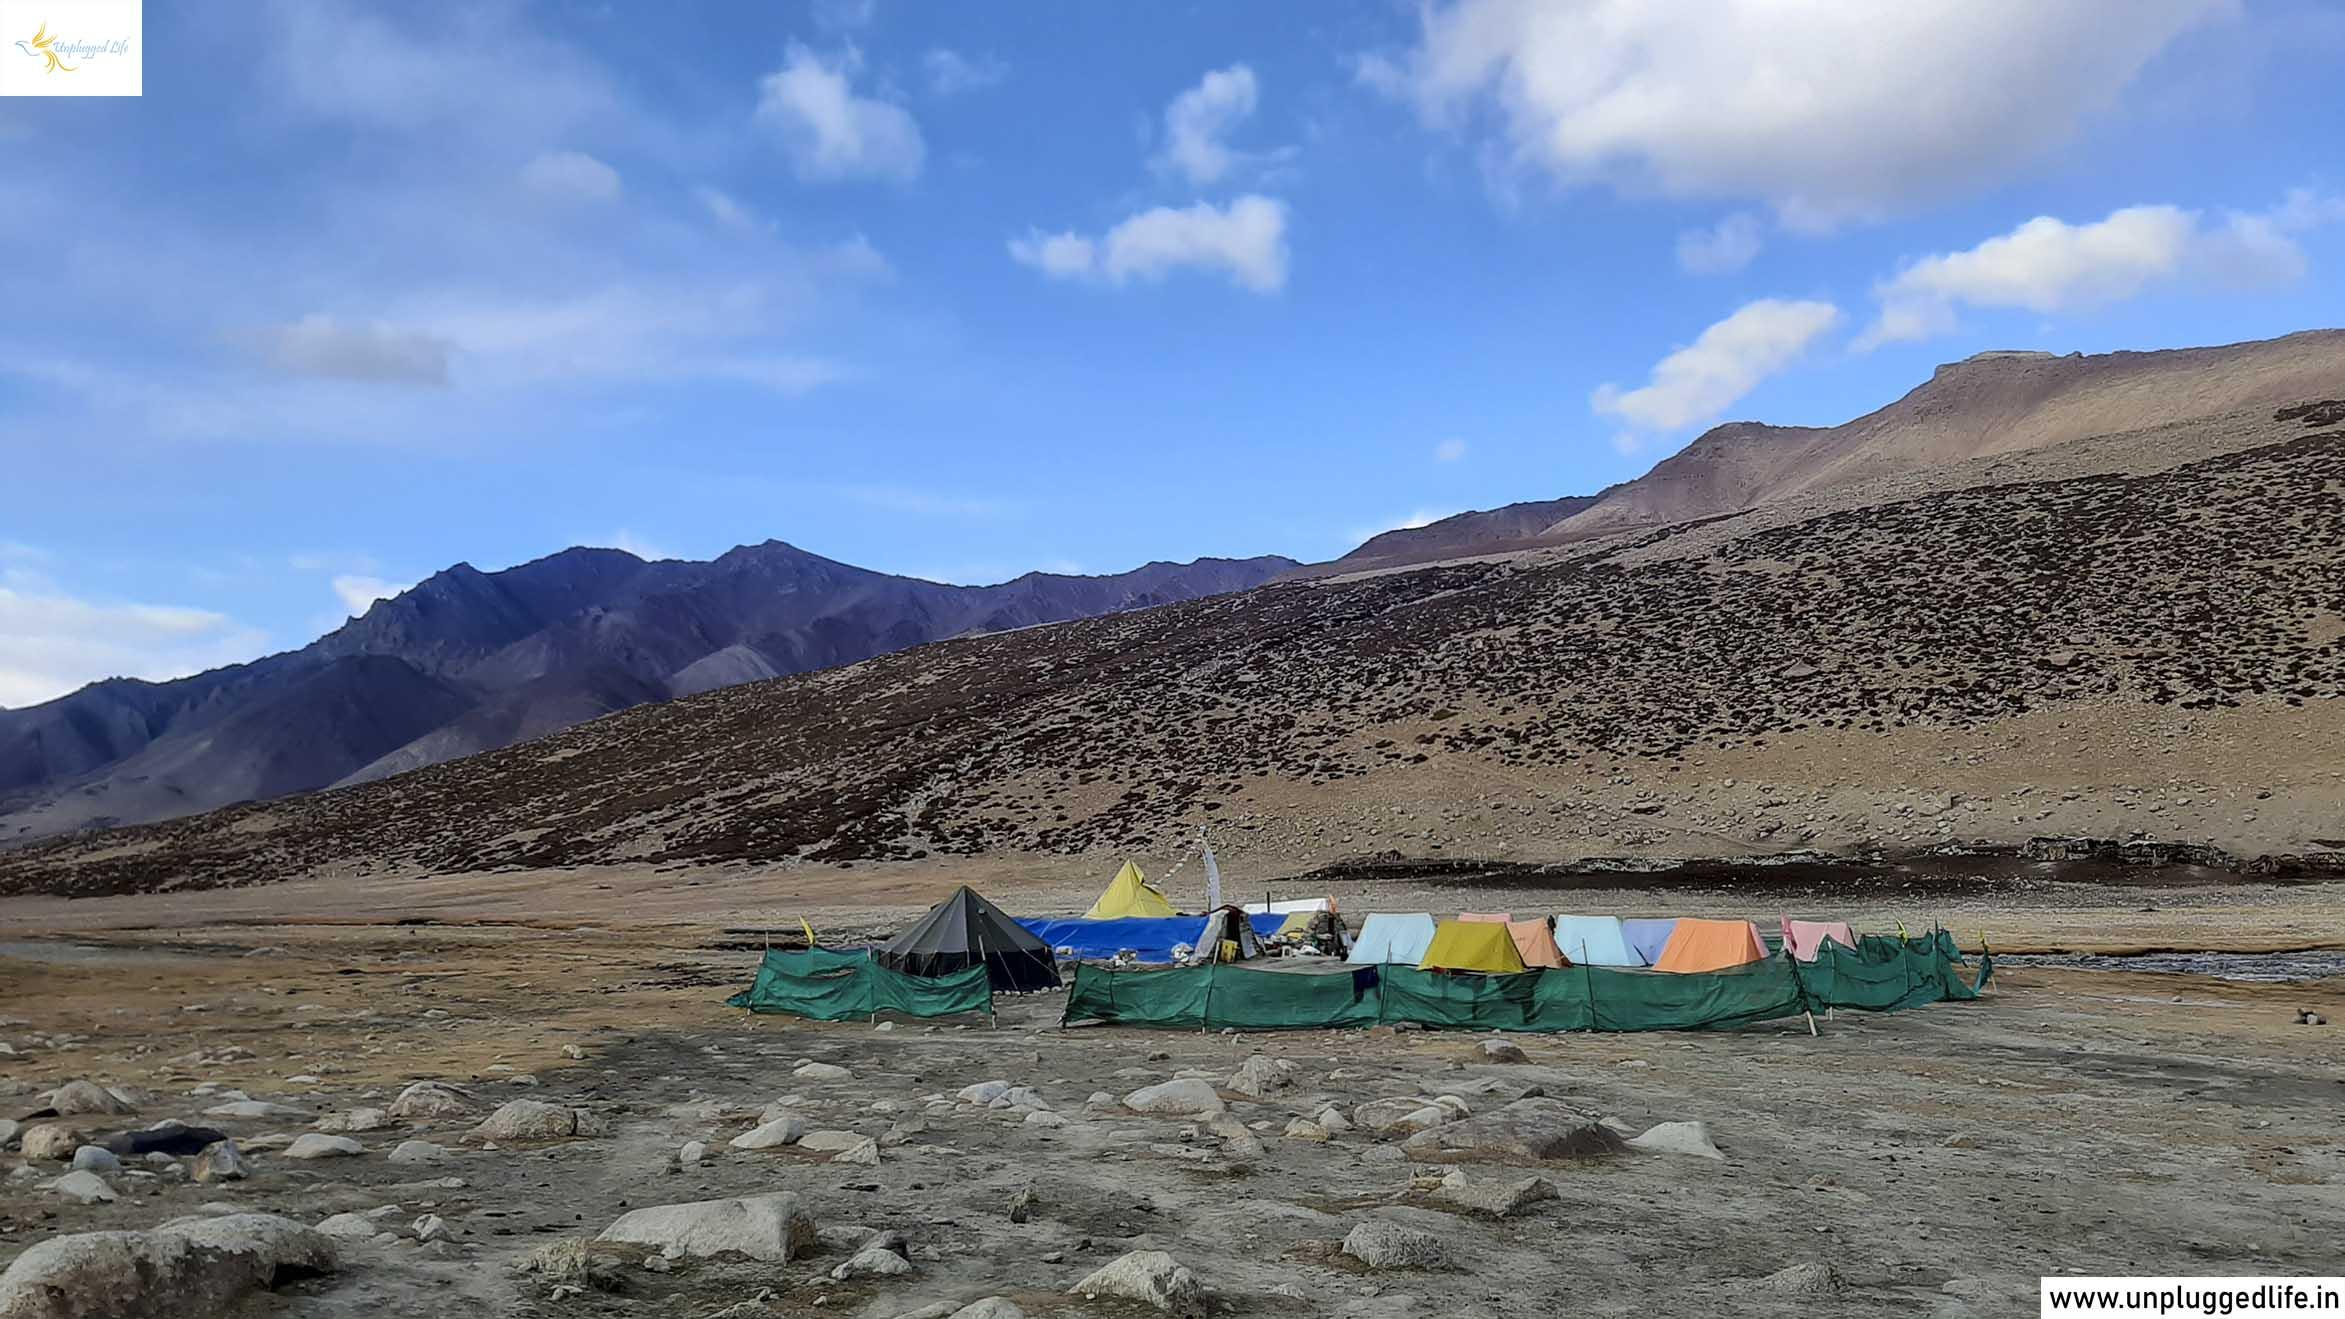 Markha Valley Trek, Markha Village, Offbeat Villages in Ladakh, Remote Villages in Ladakh, Small Villages in Ladakh, Classic Markha Valley, Markha Valley in Ladakh